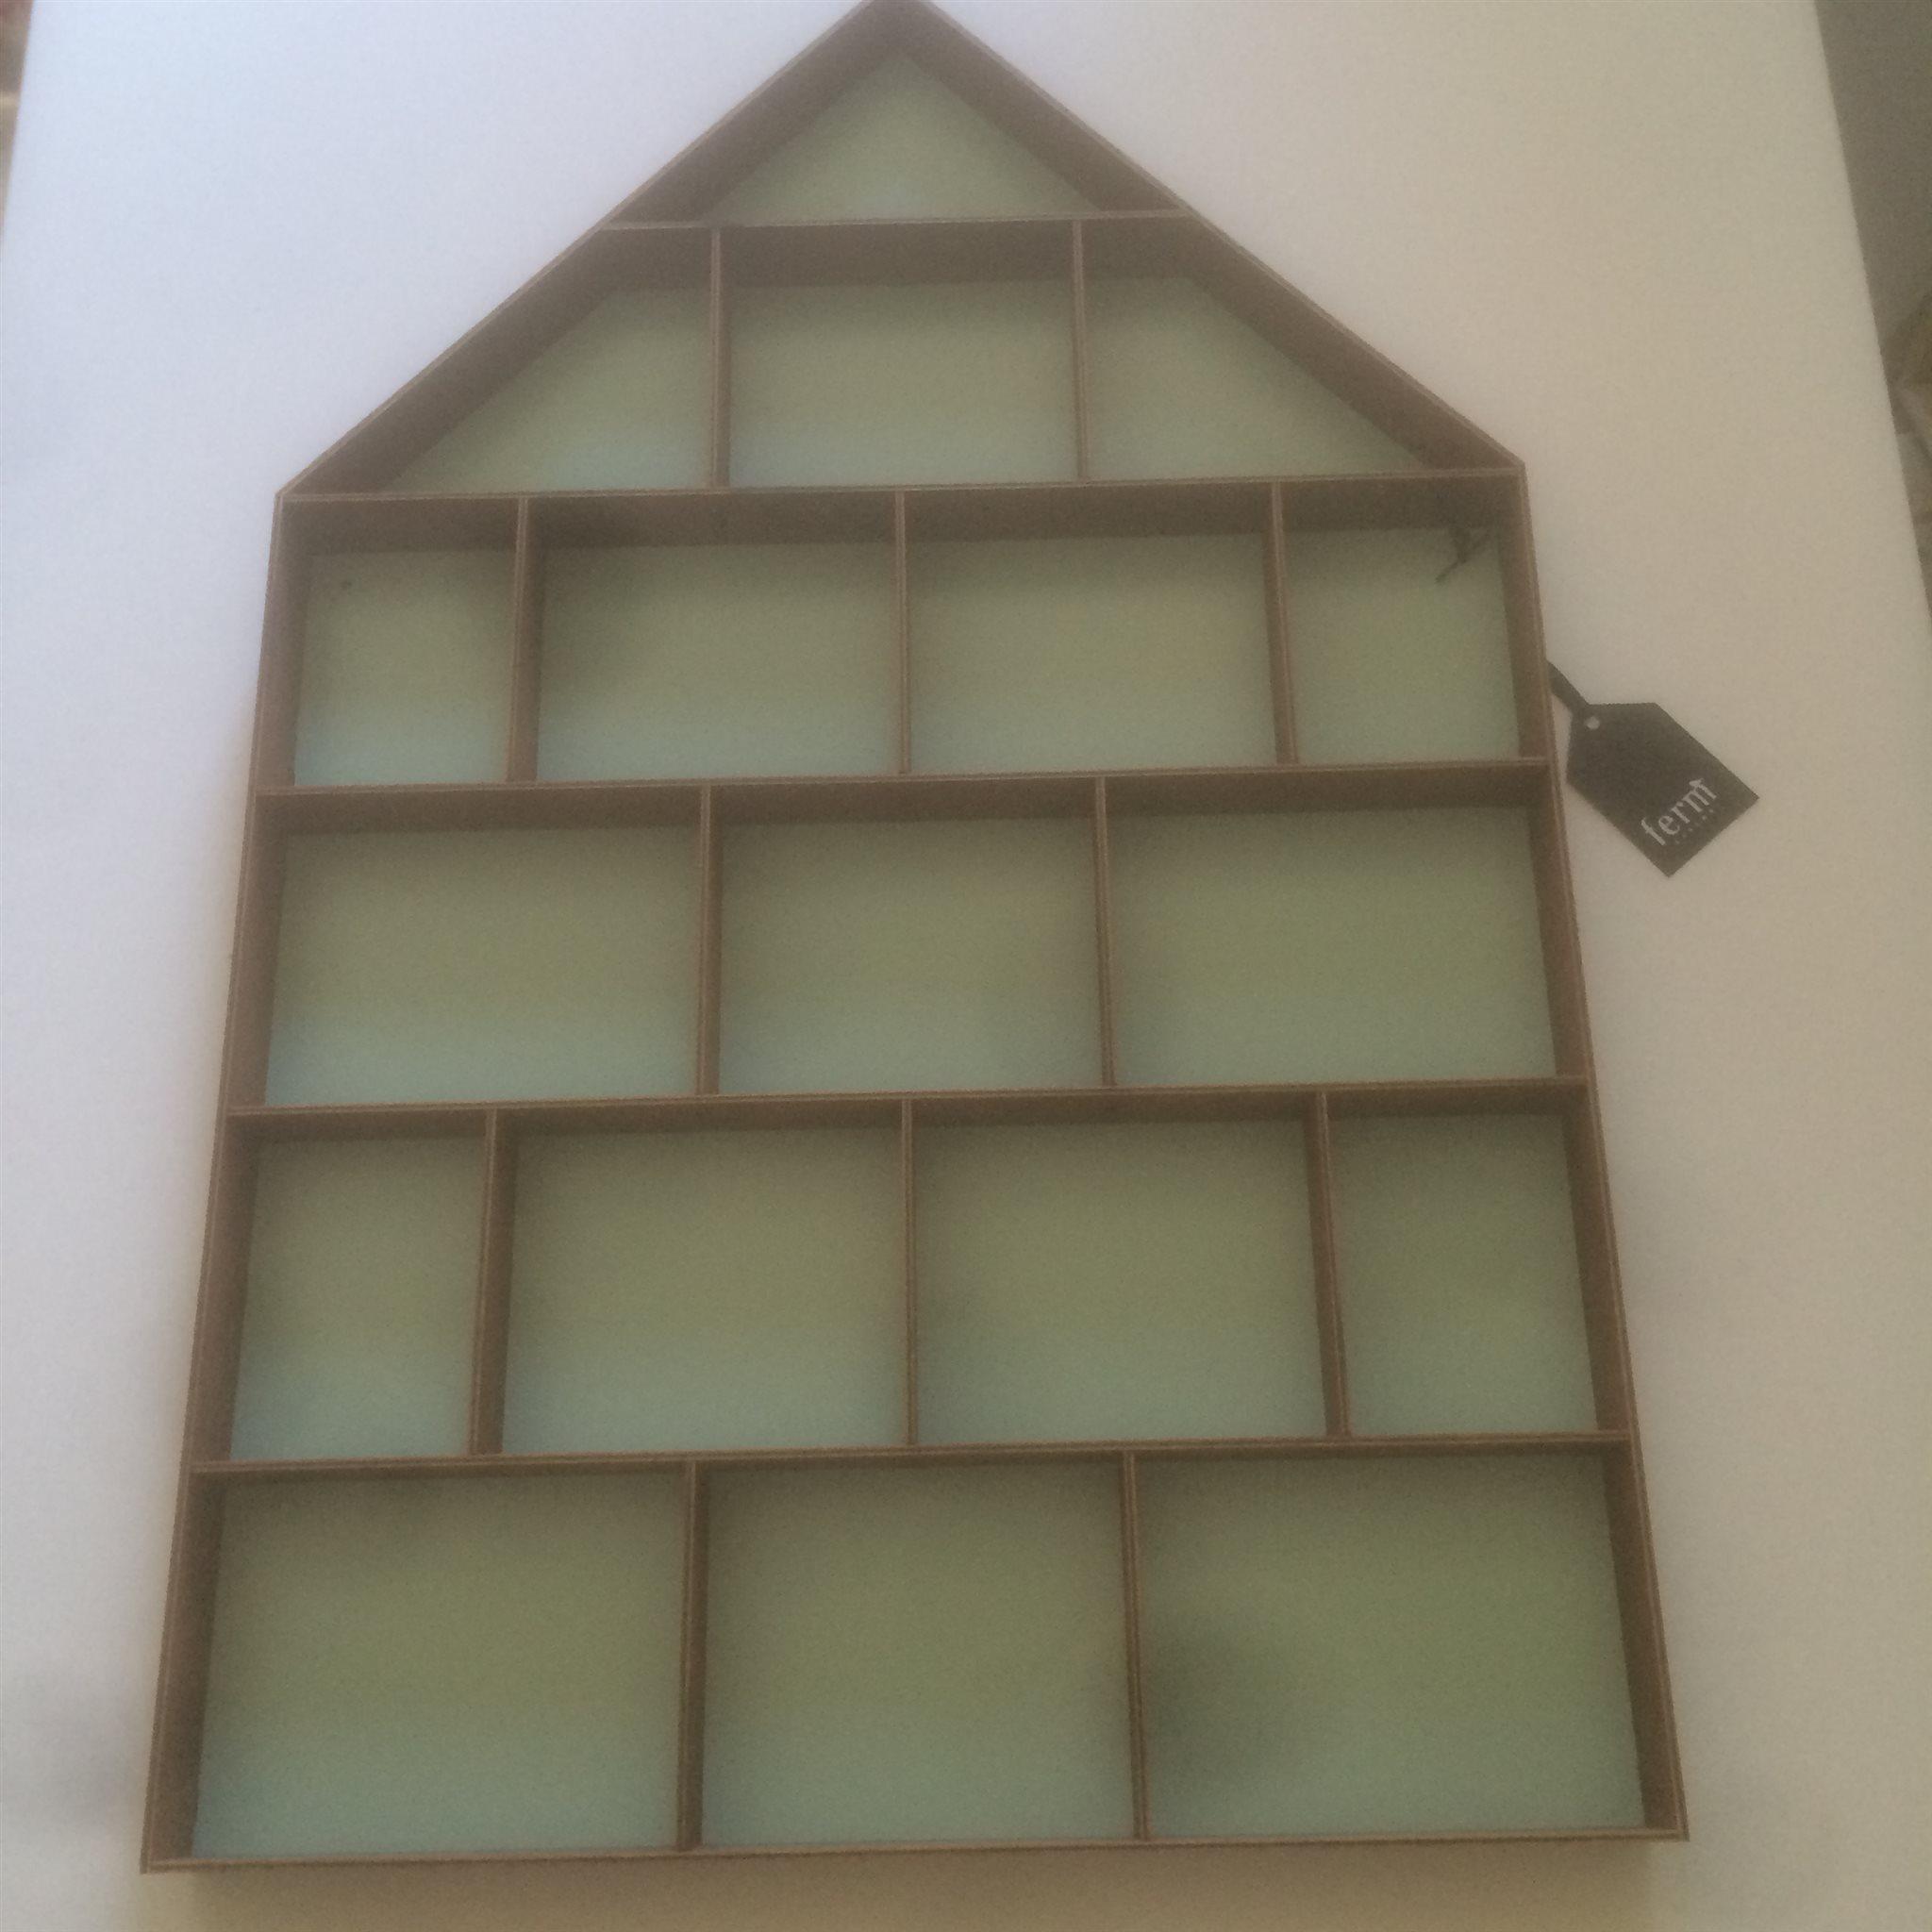 Ny, Hylla, The Dorm, Inredning/barnrum, 75x50cm, Ferm Living